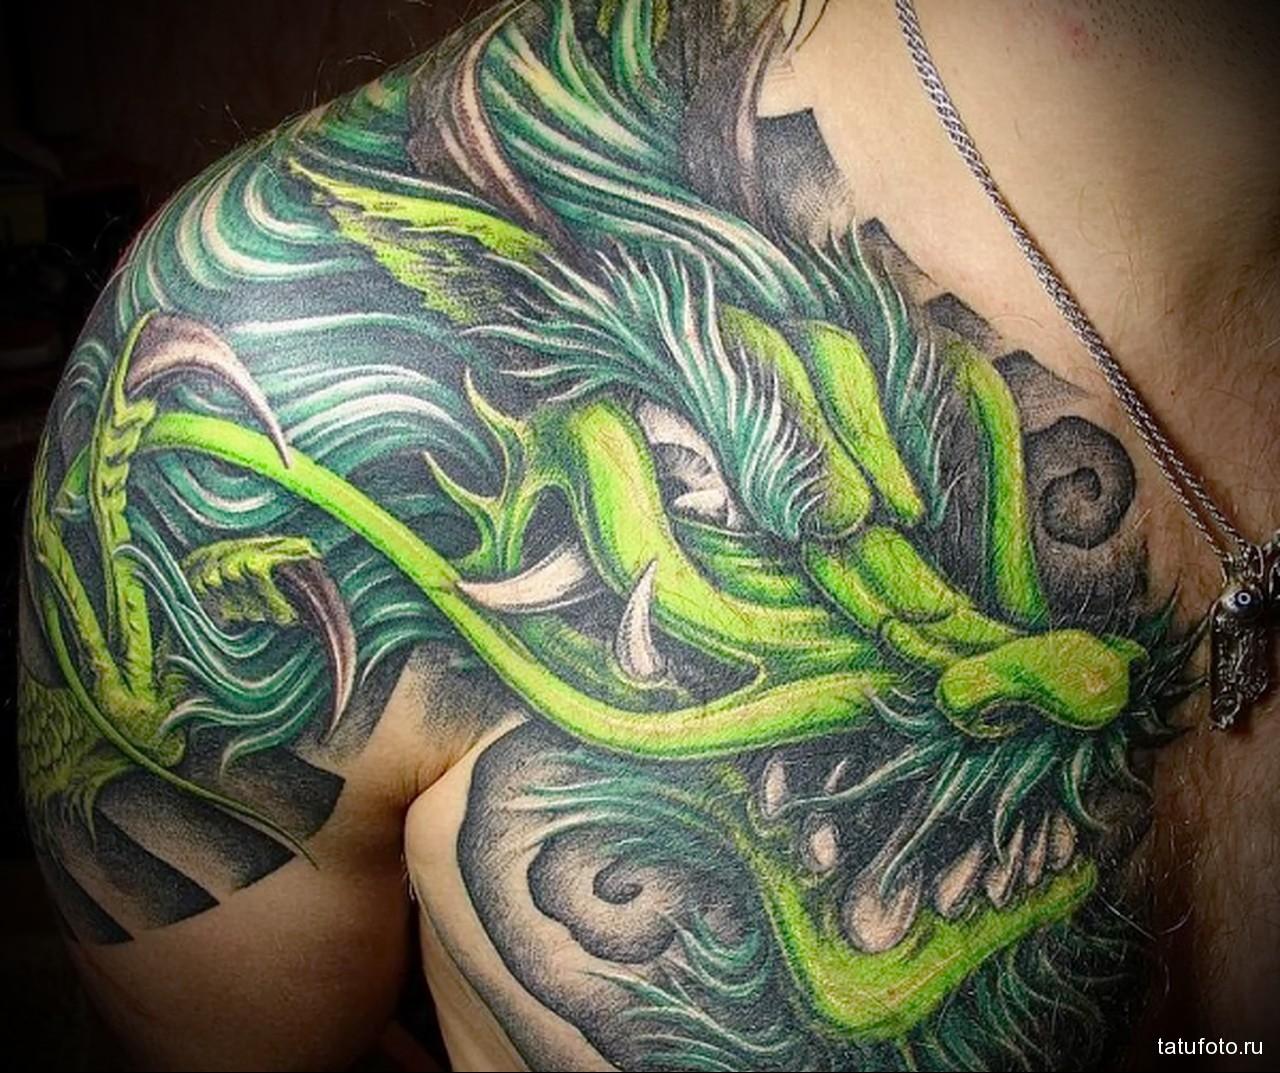 тату зеленый дракон - мужская татуировка на плече